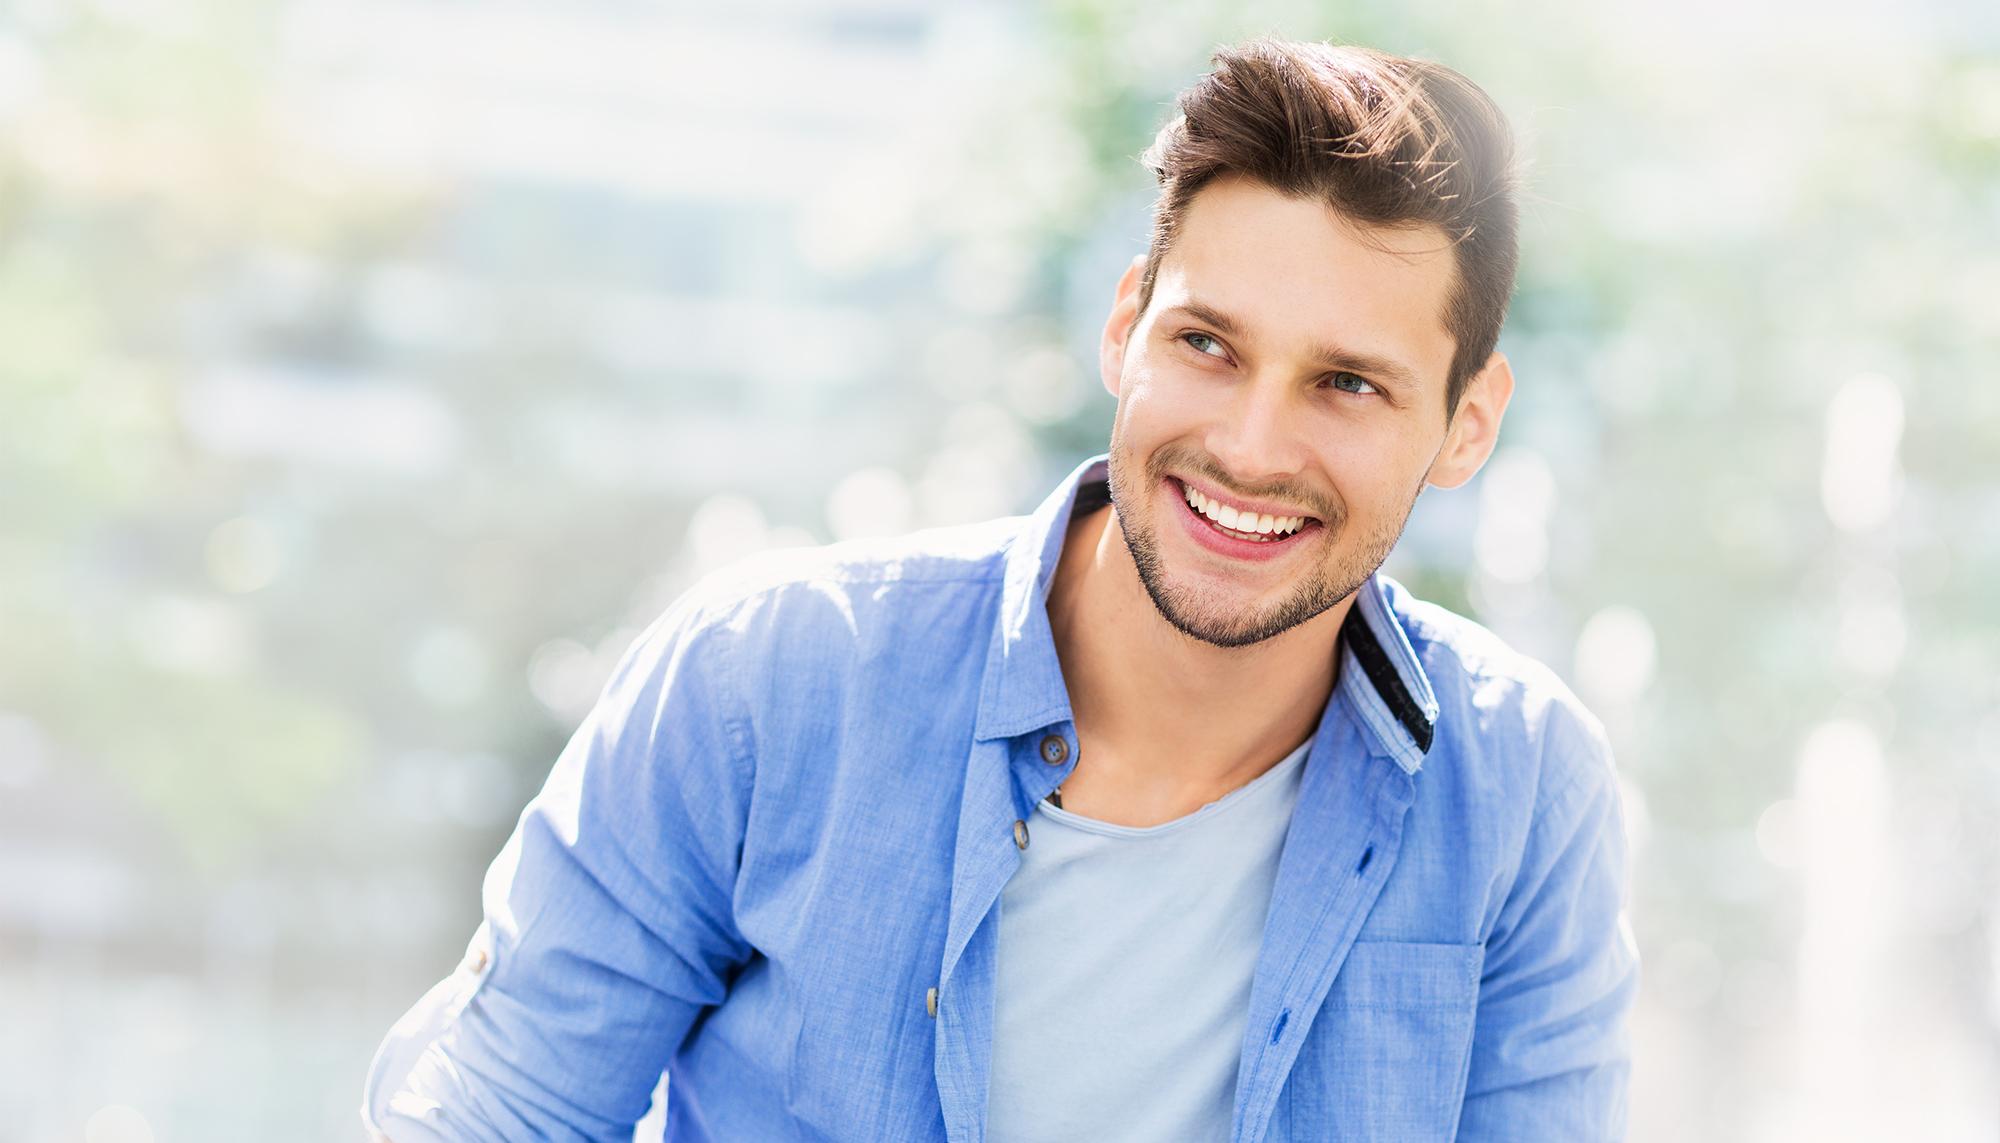 Smiling guy outside.jpg